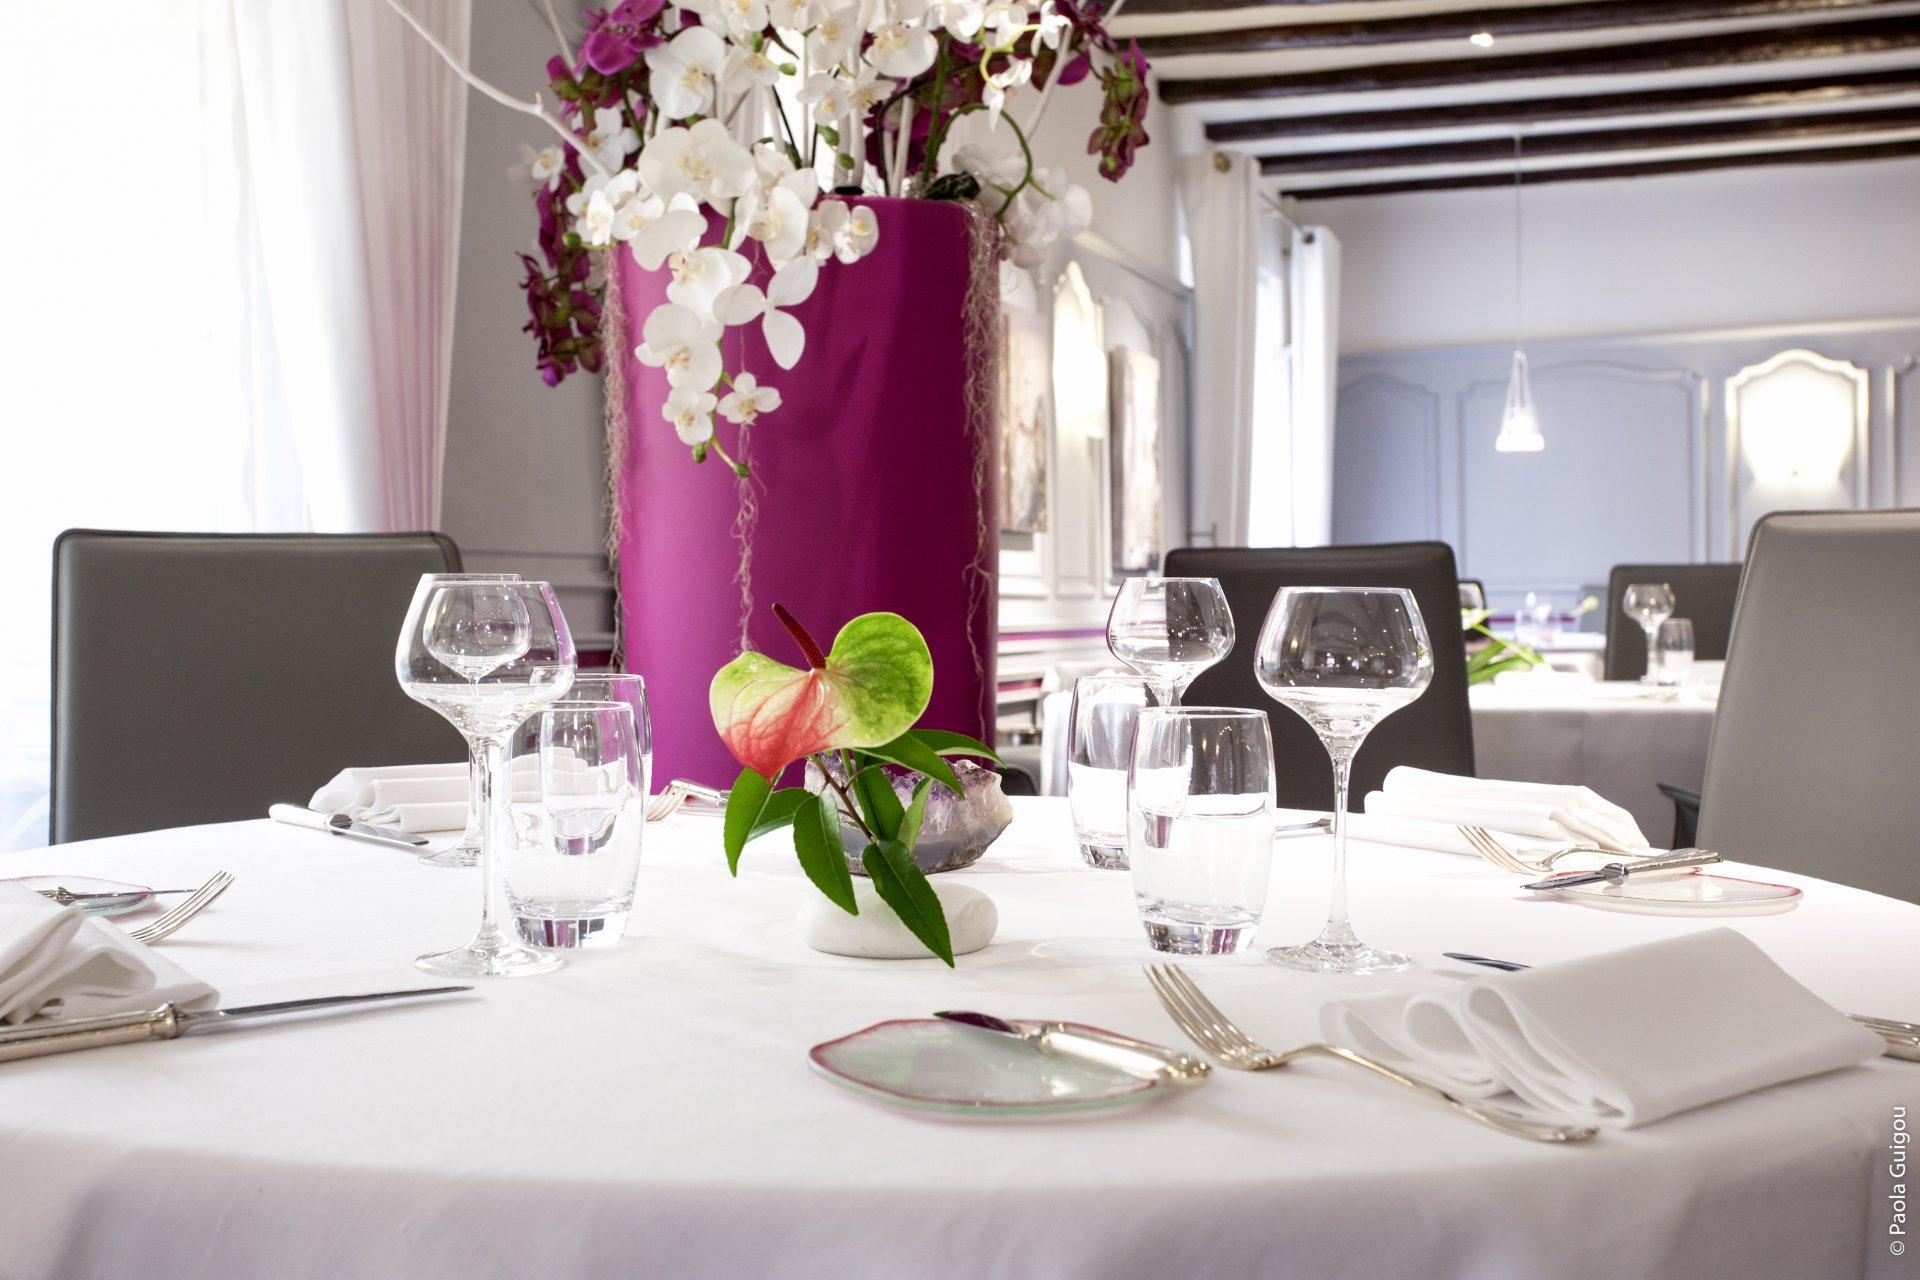 Lauberge Du Cheval Blanc et Spa Lembach France